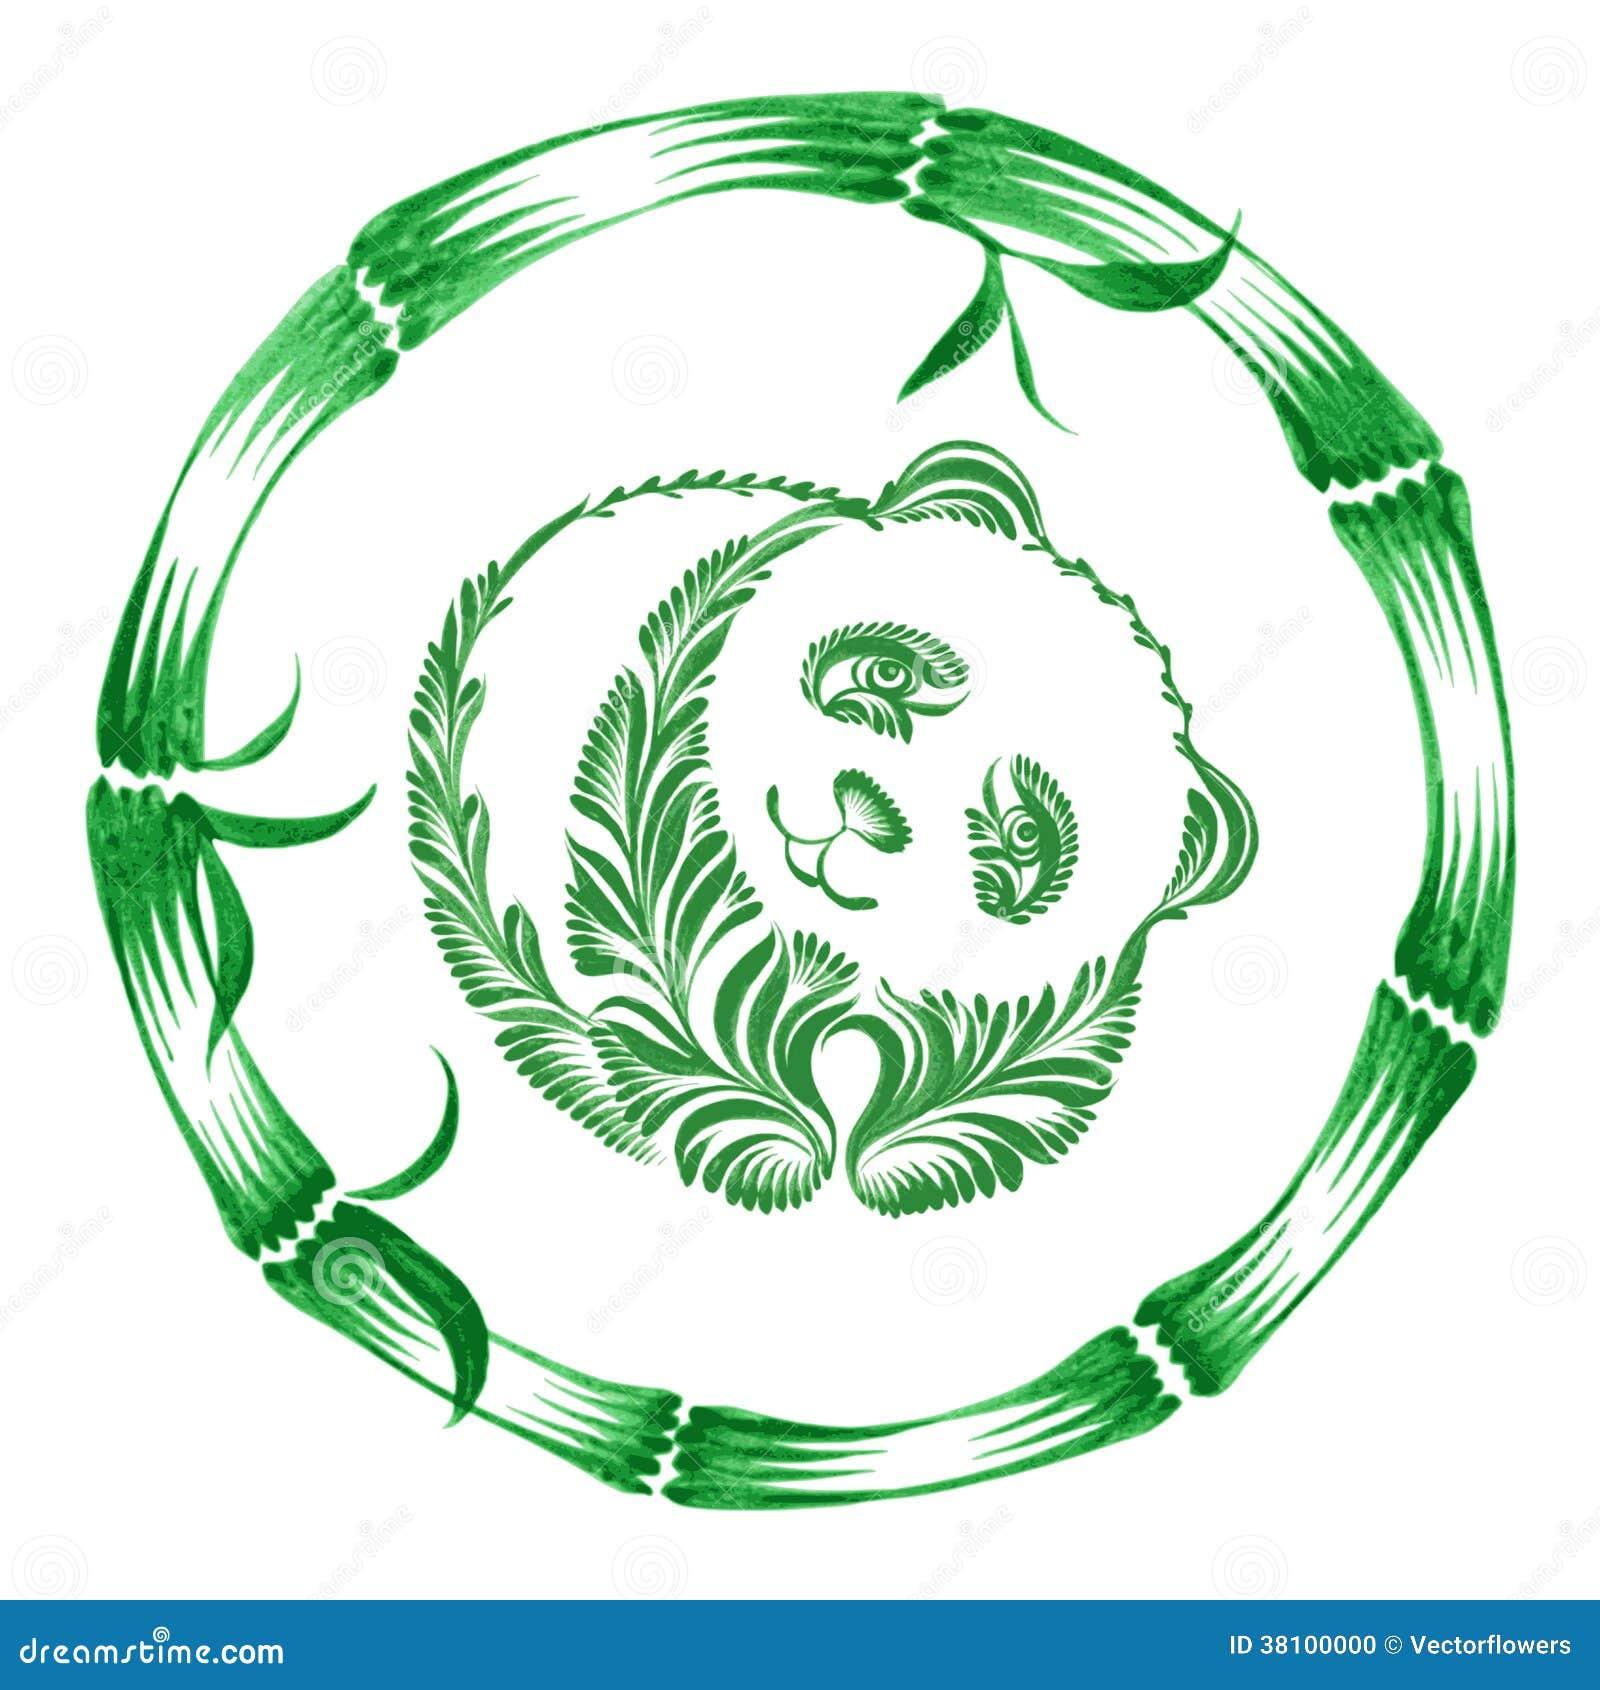 库存照片: 花卉装饰装饰品熊猫图片